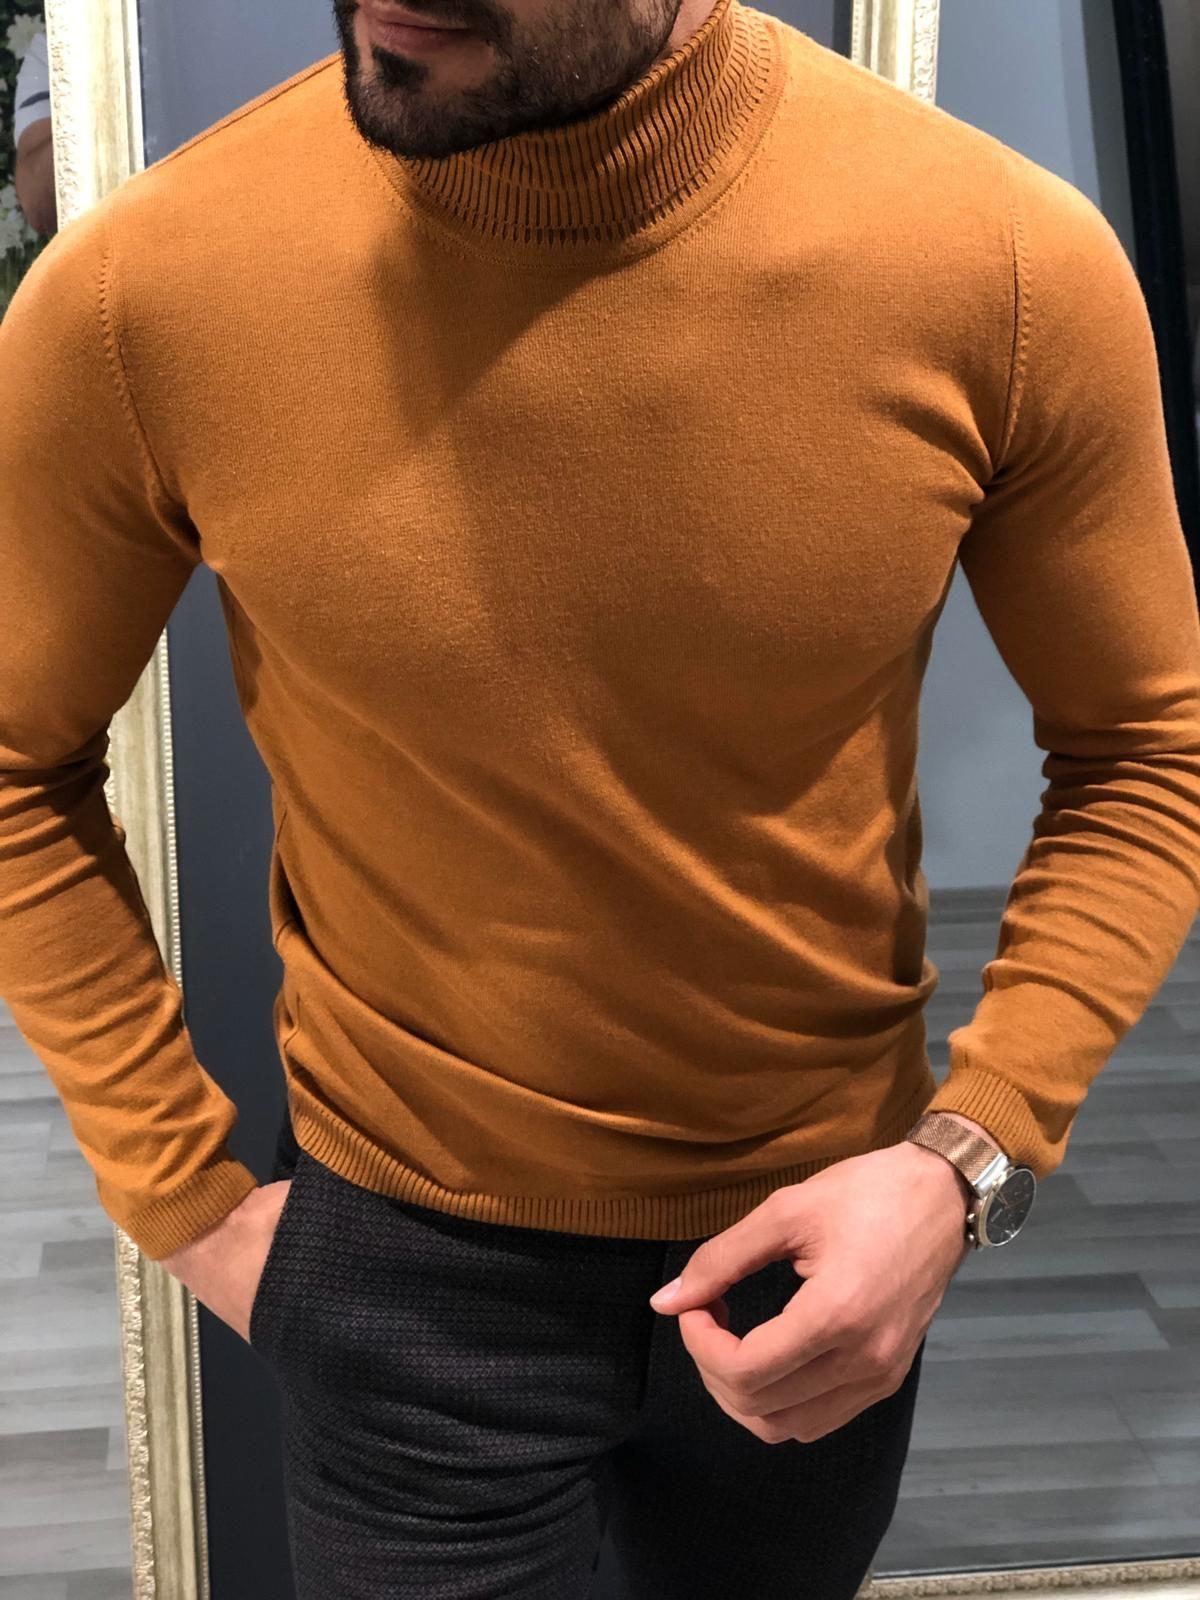 Buy Brown Slim Fit Turtleneck Wool Sweater By Gentwith Com In 2021 Turtleneck Knitwear Turtleneck Outfit Men Casual Wear For Men [ 1600 x 1200 Pixel ]